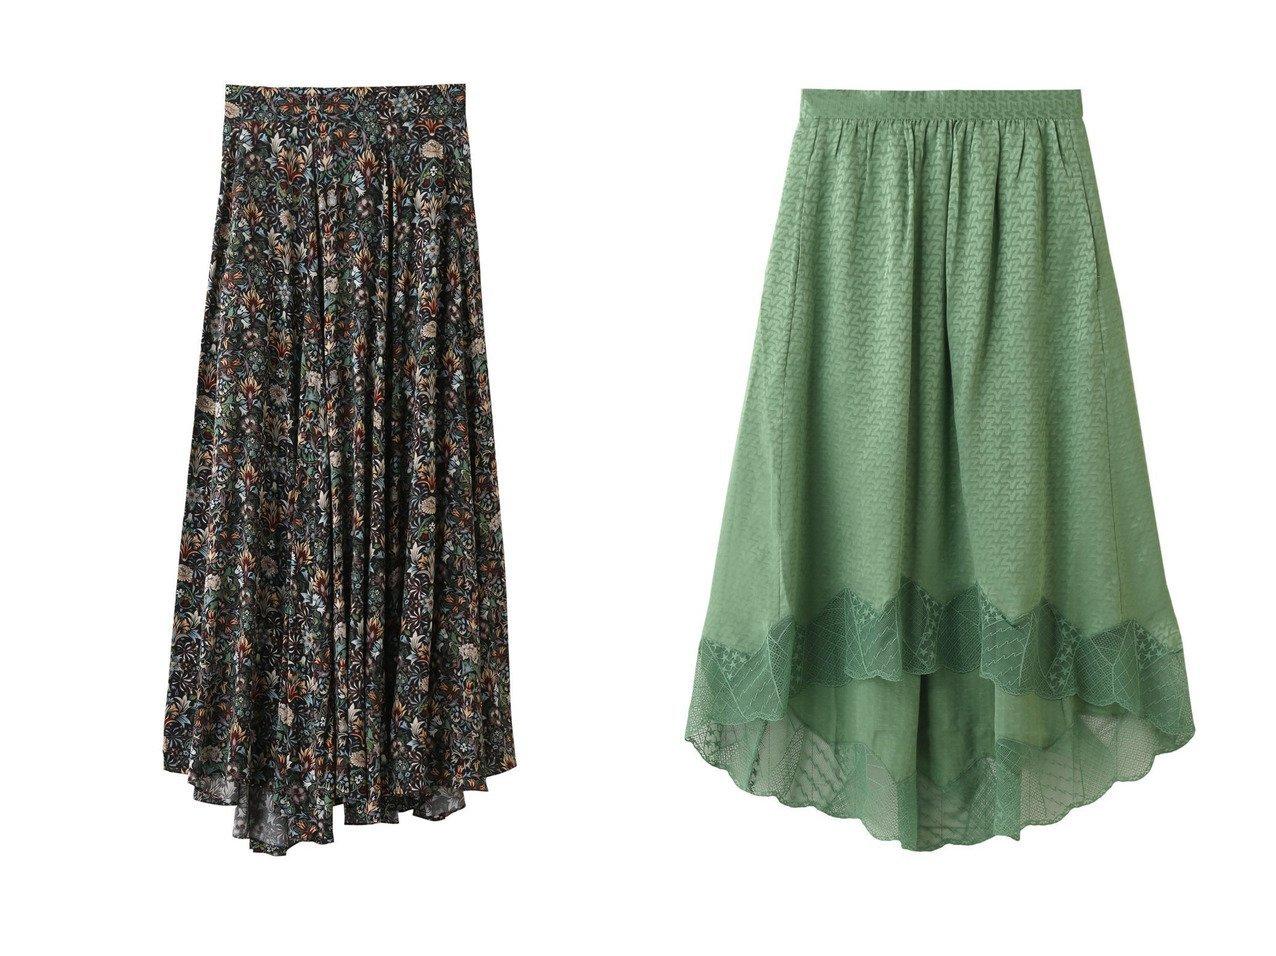 【ZADIG & VOLTAIRE/ザディグ エ ヴォルテール】のJOYO KALEIDO JUPE スカート&JOSLIN JAC ZV 3D JUPE スカート ZADIG & VOLTAIREのおすすめ!人気、トレンド・レディースファッションの通販 おすすめで人気の流行・トレンド、ファッションの通販商品 メンズファッション・キッズファッション・インテリア・家具・レディースファッション・服の通販 founy(ファニー) https://founy.com/ ファッション Fashion レディースファッション WOMEN スカート Skirt ロングスカート Long Skirt 2021年 2021 2021 春夏 S/S SS Spring/Summer 2021 S/S 春夏 SS Spring/Summer イレギュラー セットアップ フラワー フレア プリント ロング 春 Spring |ID:crp329100000016860